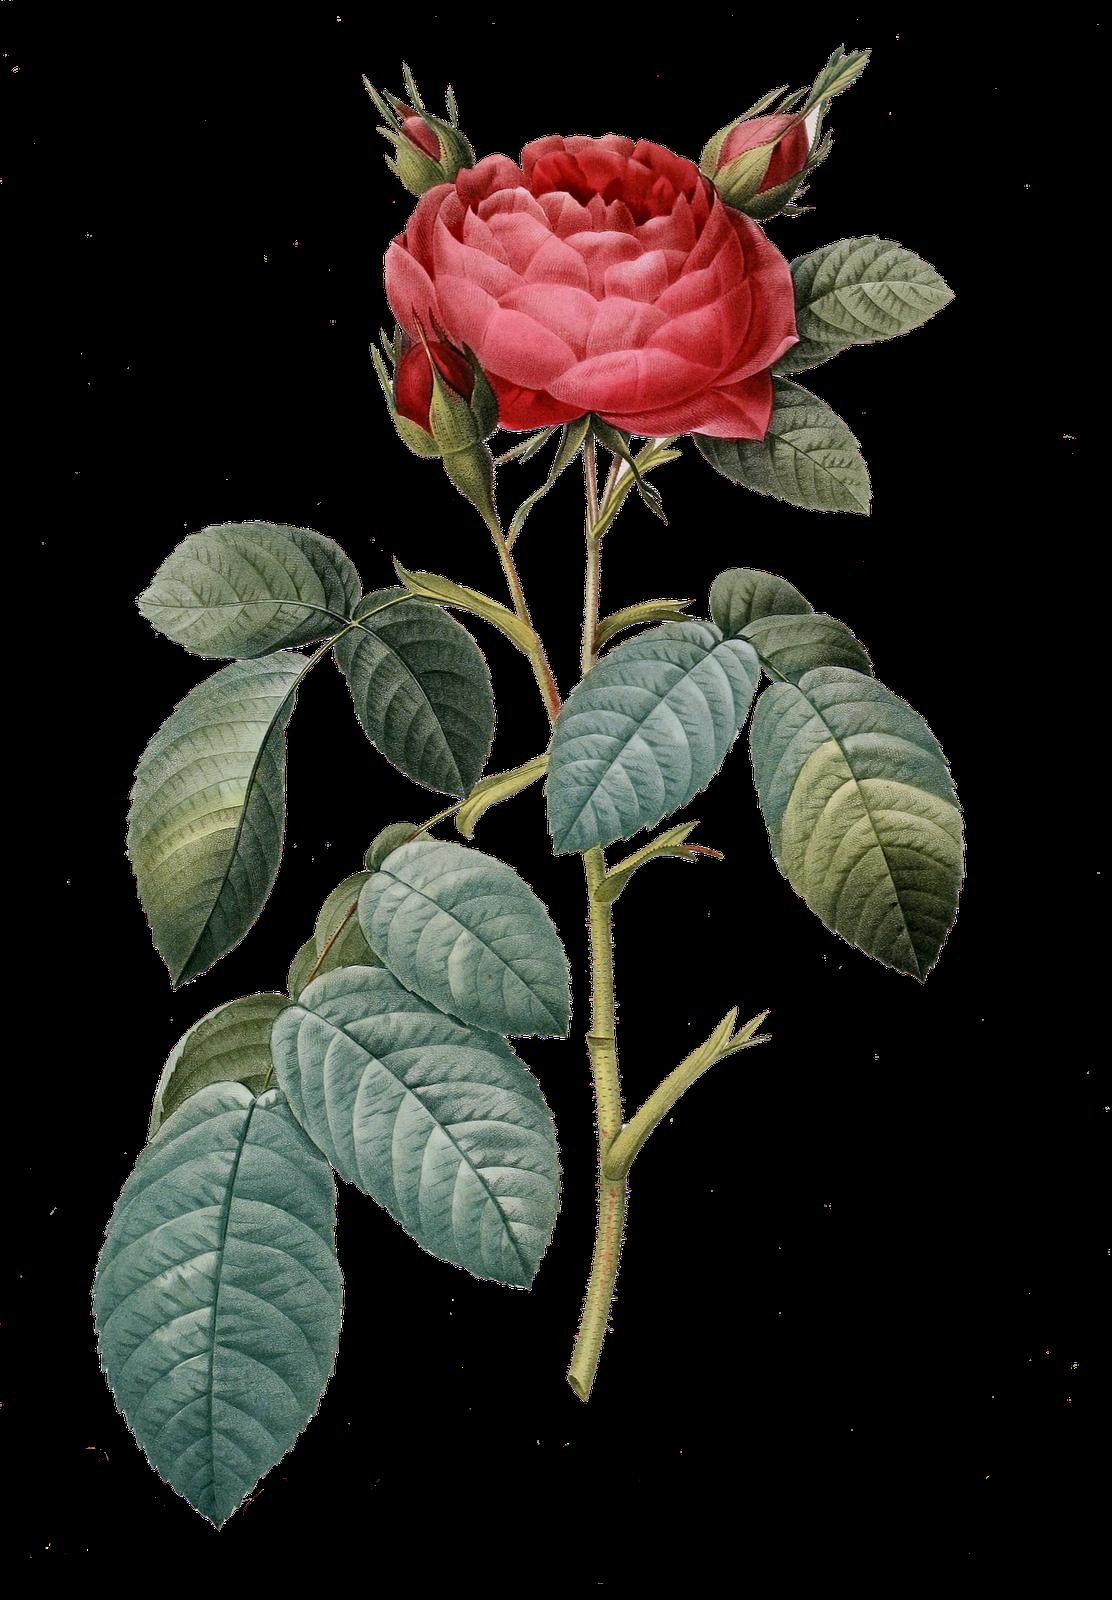 Vintage Flower Png ClipArt Best Rose clipart, Vintage